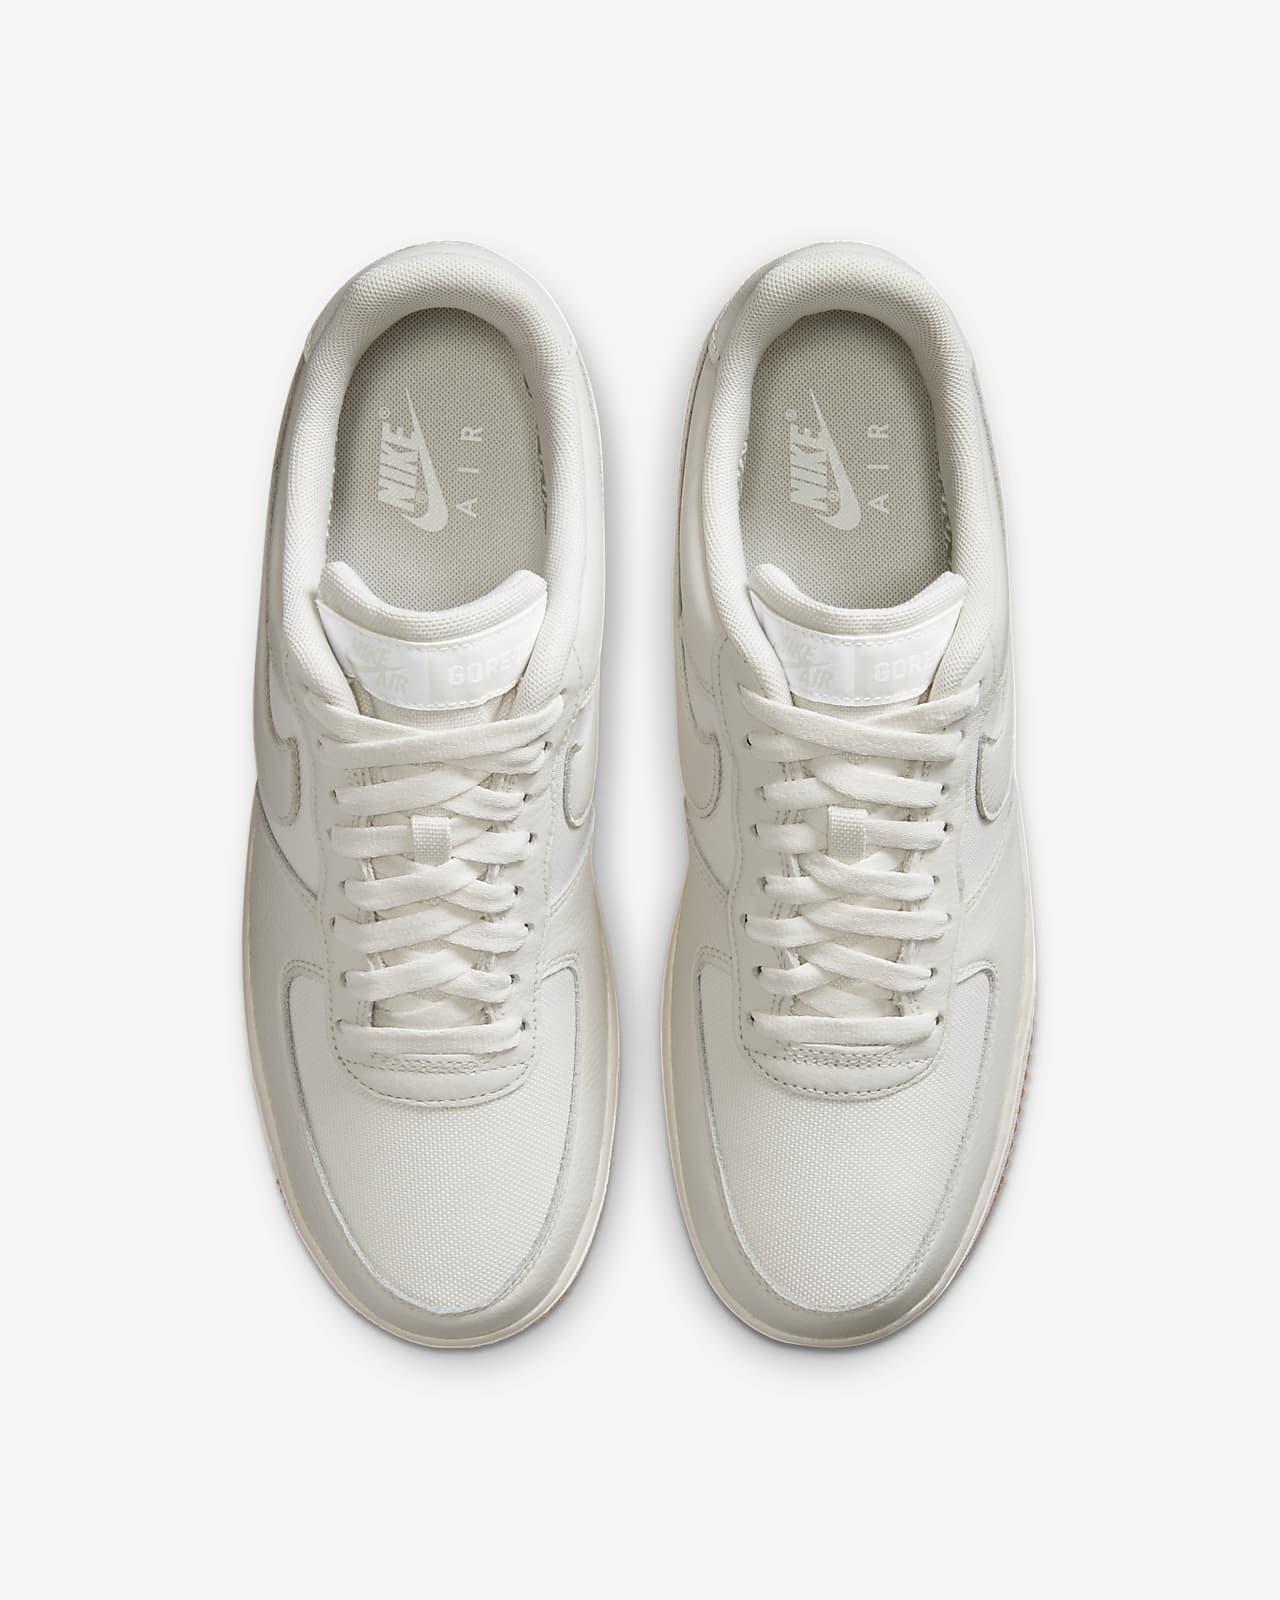 Nike Air Force 1 Low GORE-TEX Men's Shoe